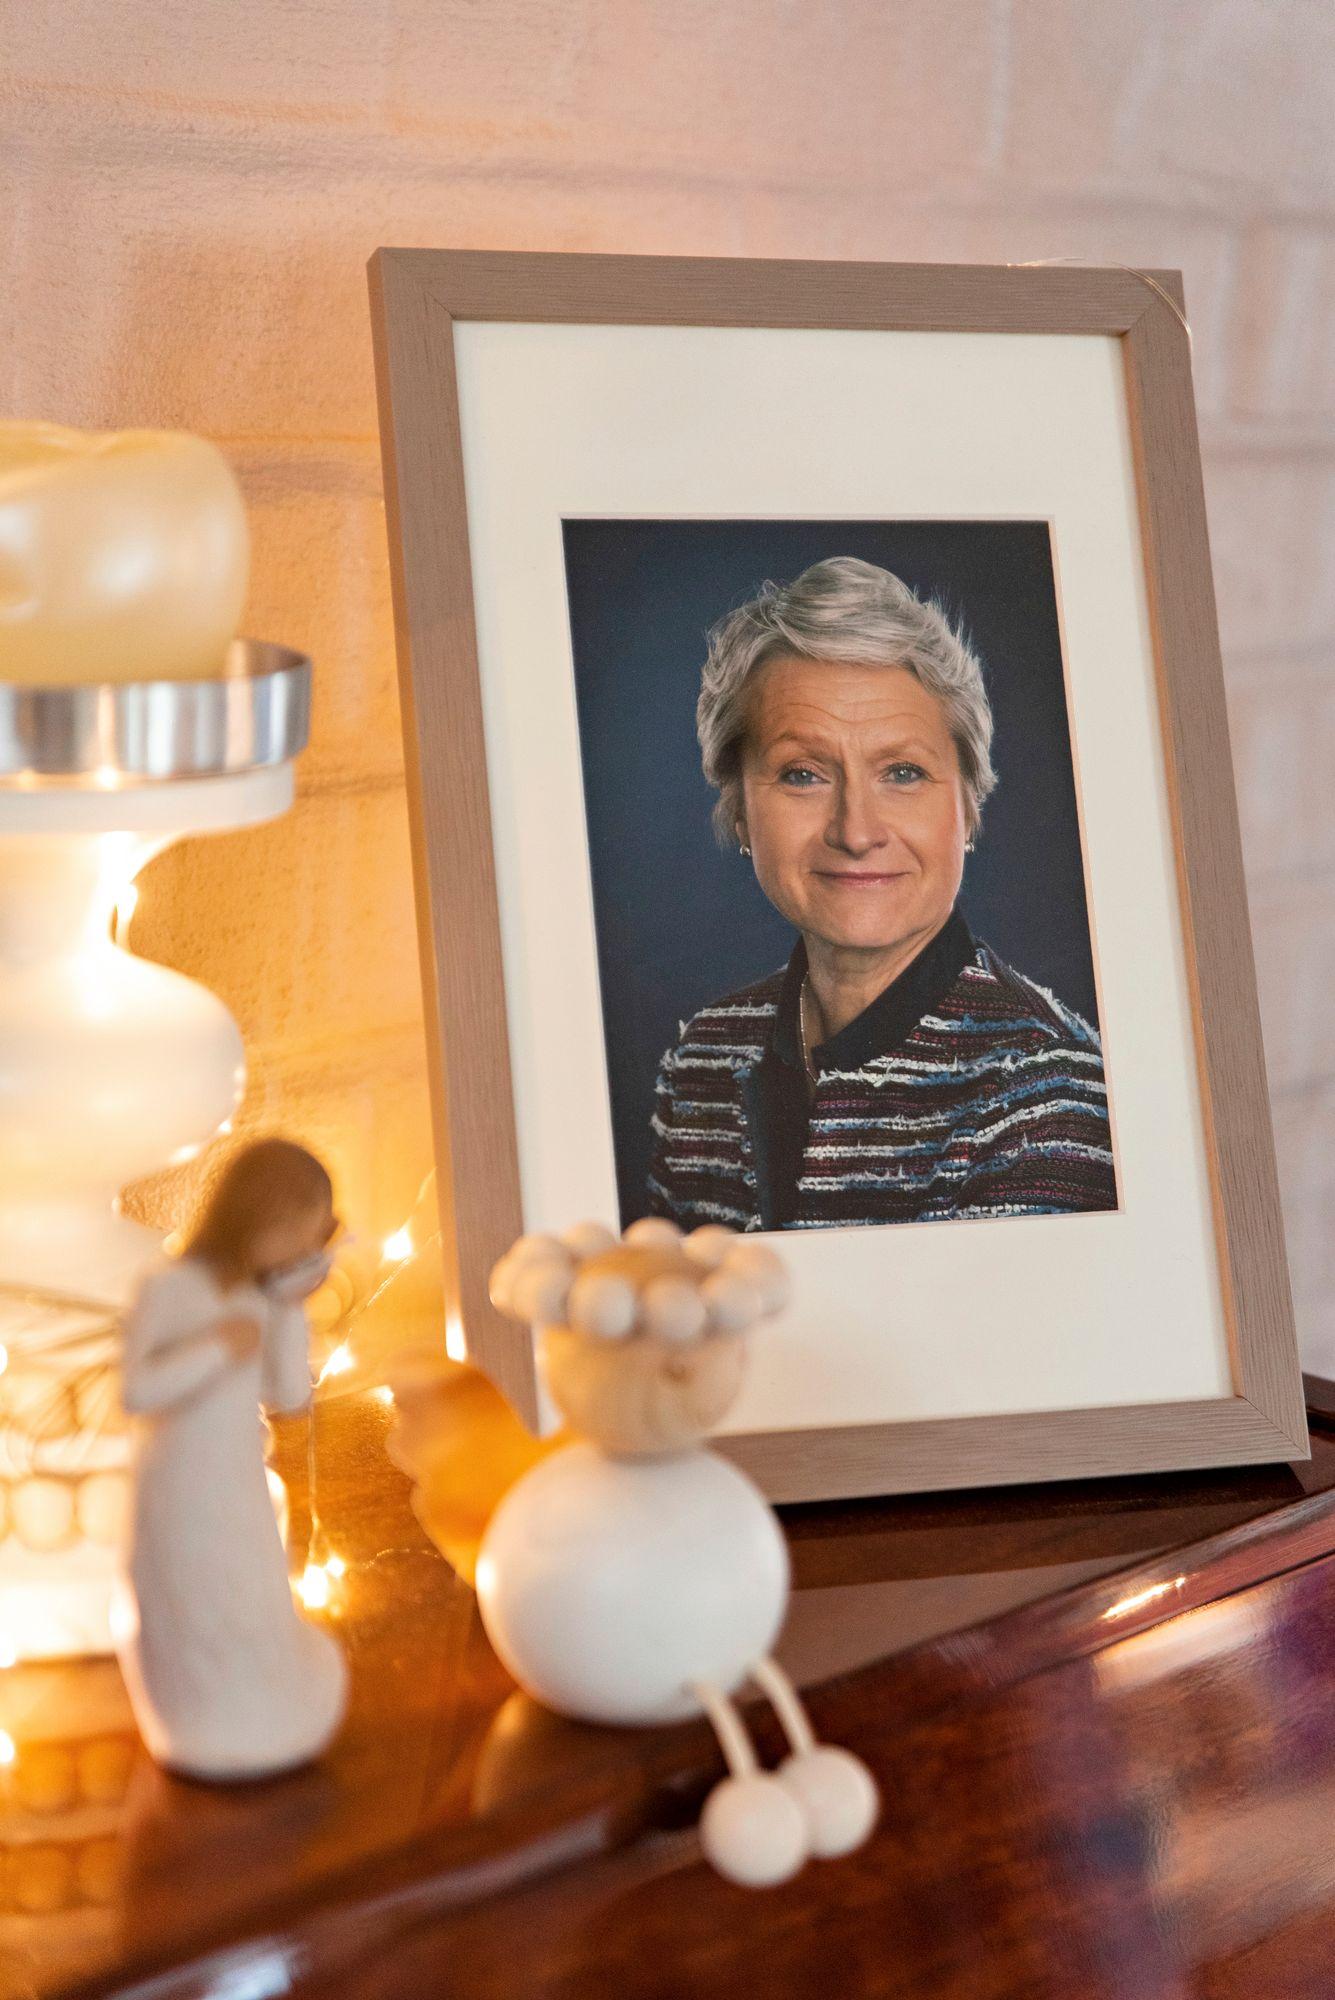 """Tiina Ratsula-Hällström eli elämänsä täysillä, vaikka hänellä oli syöpä. """"Suurella innolla, silmät säihkyen ja korut kilisten"""", Carla kuvaa. © Aku Ratsula"""